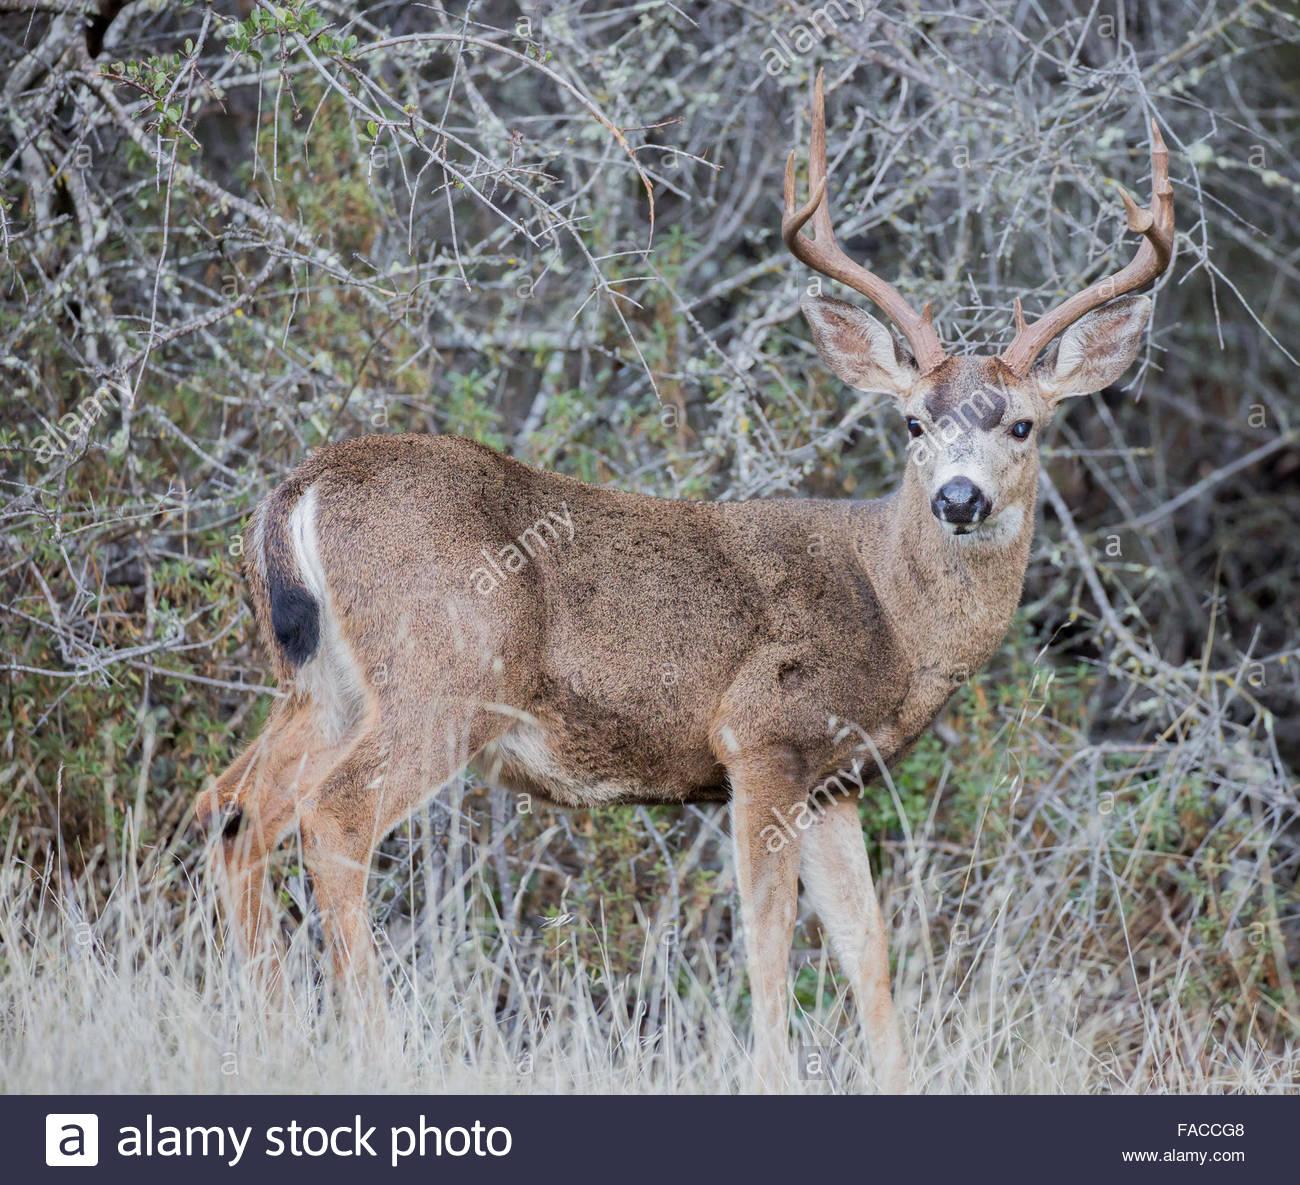 Blacktail Deer Antlers Stock Photos Blacktail Deer Antlers Stock-8660